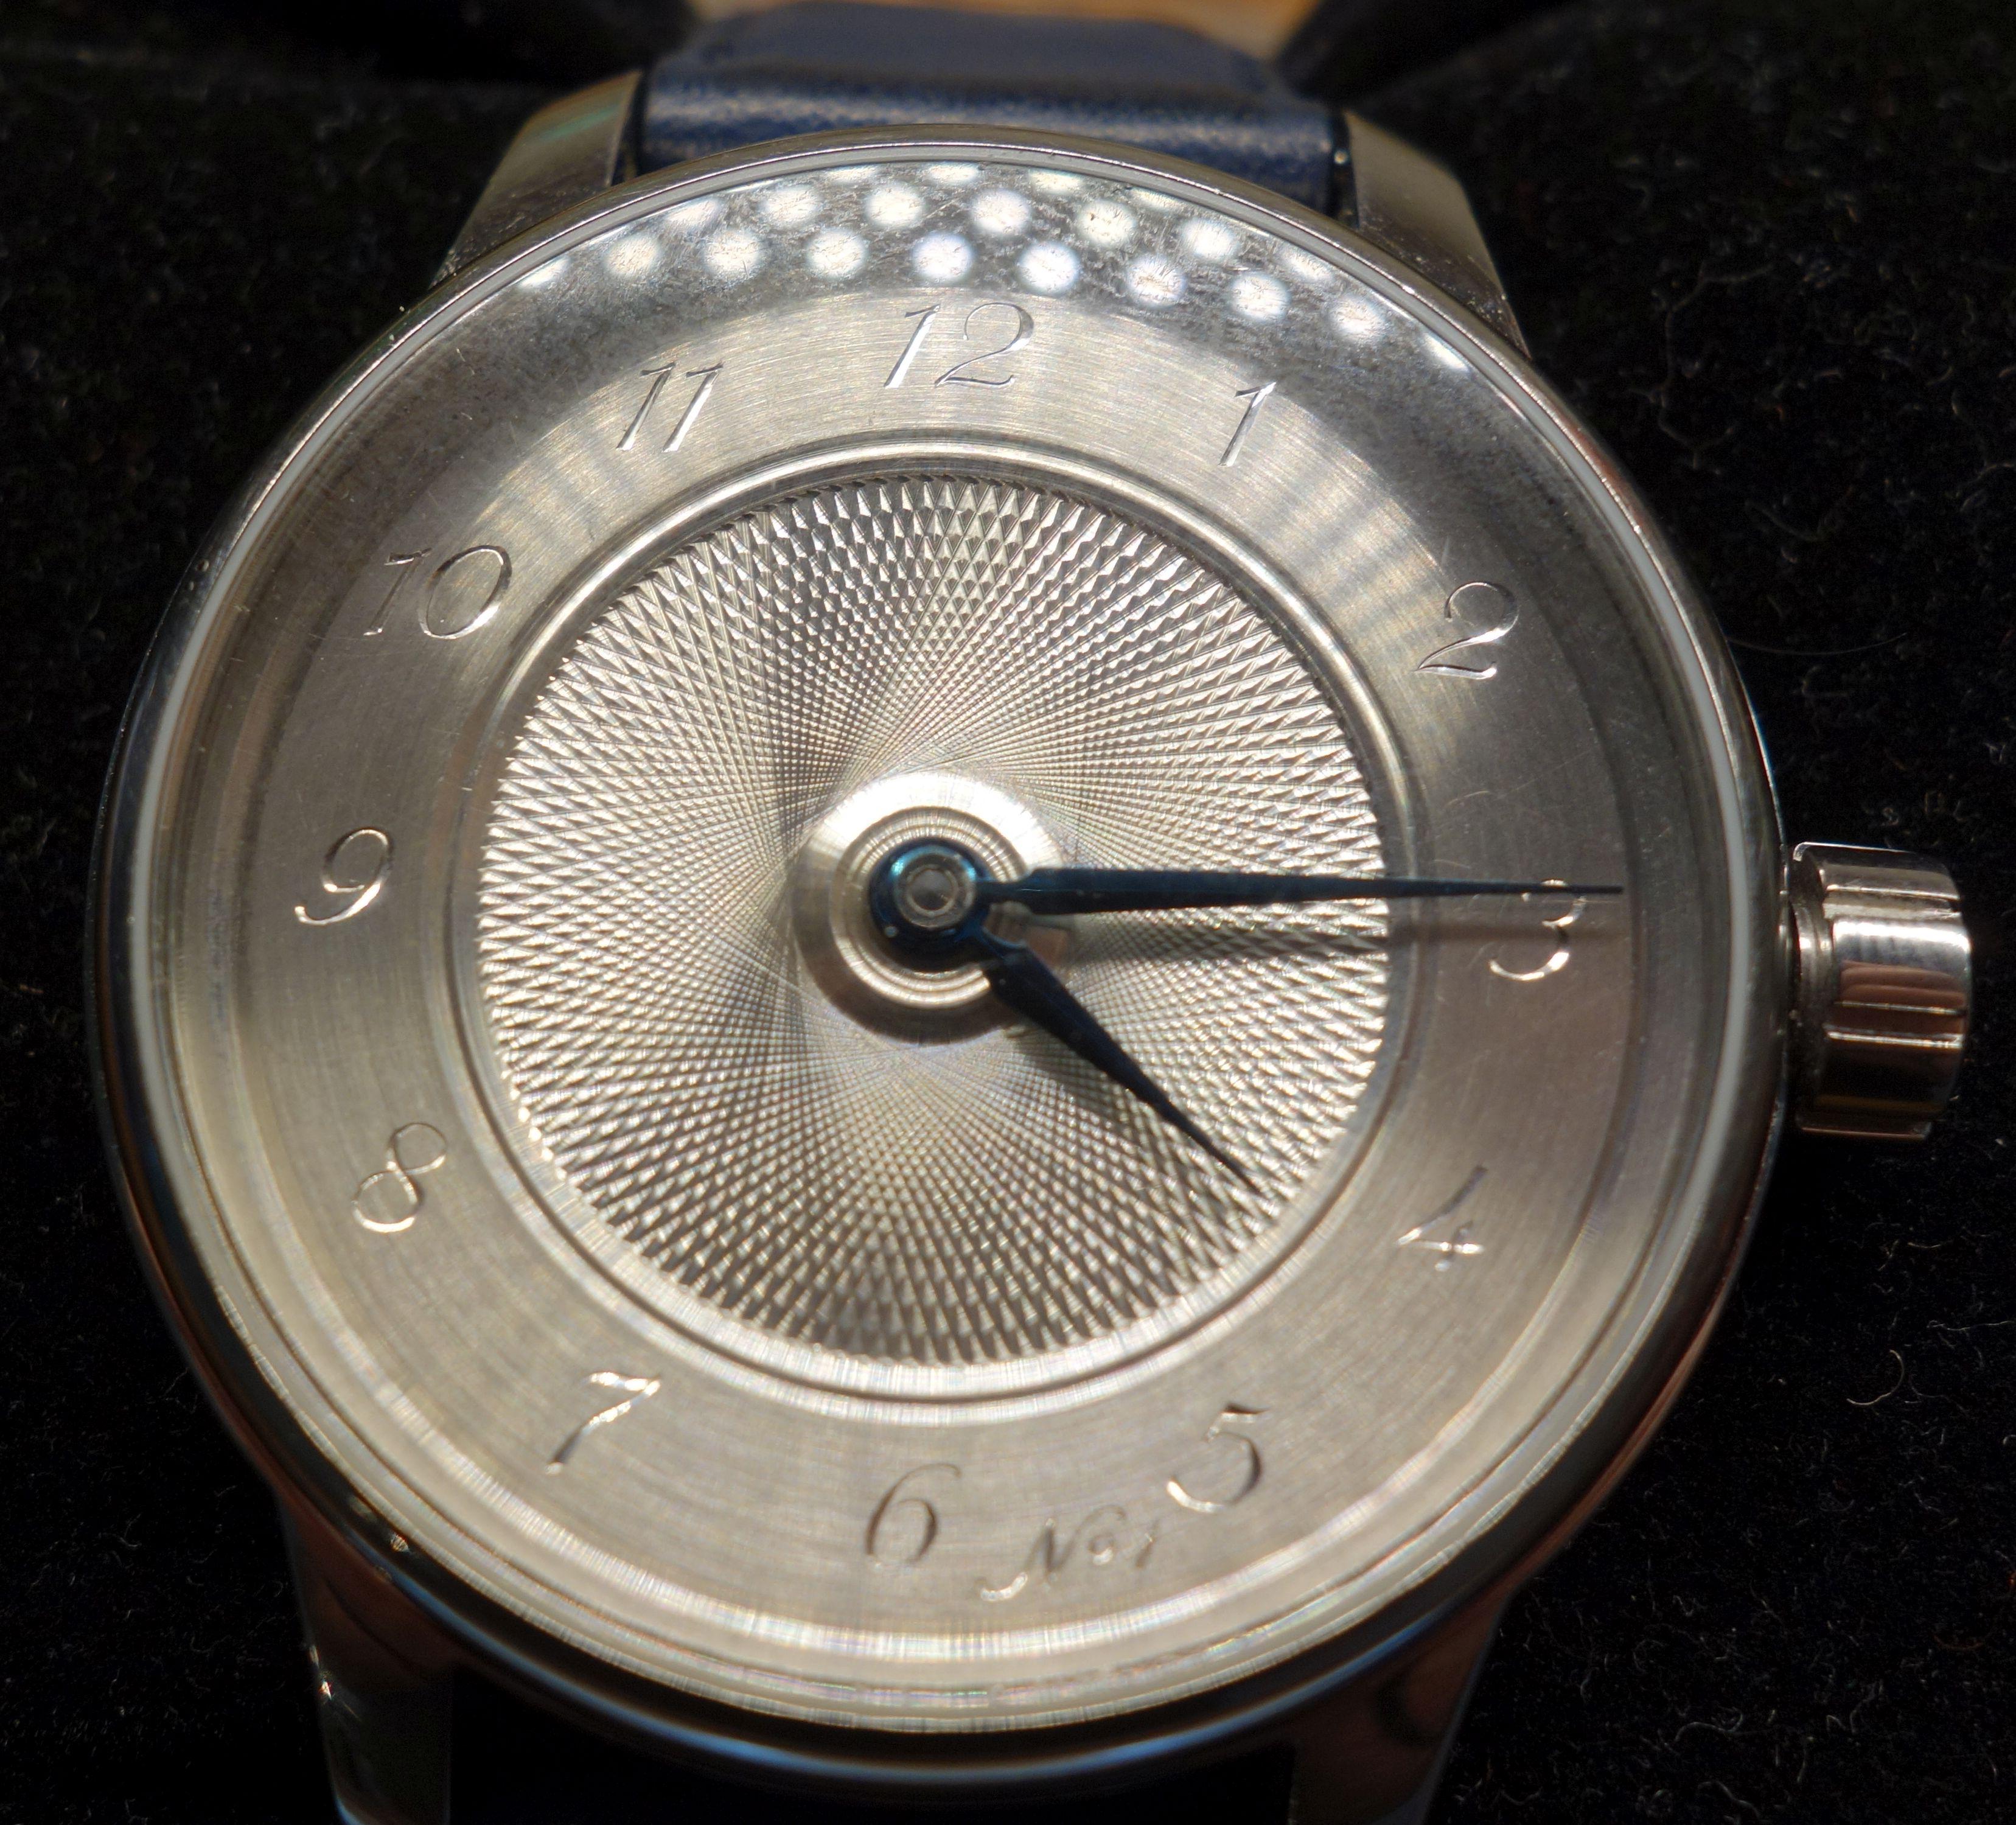 premiere montre gravee par Bernard Van Ormelingen